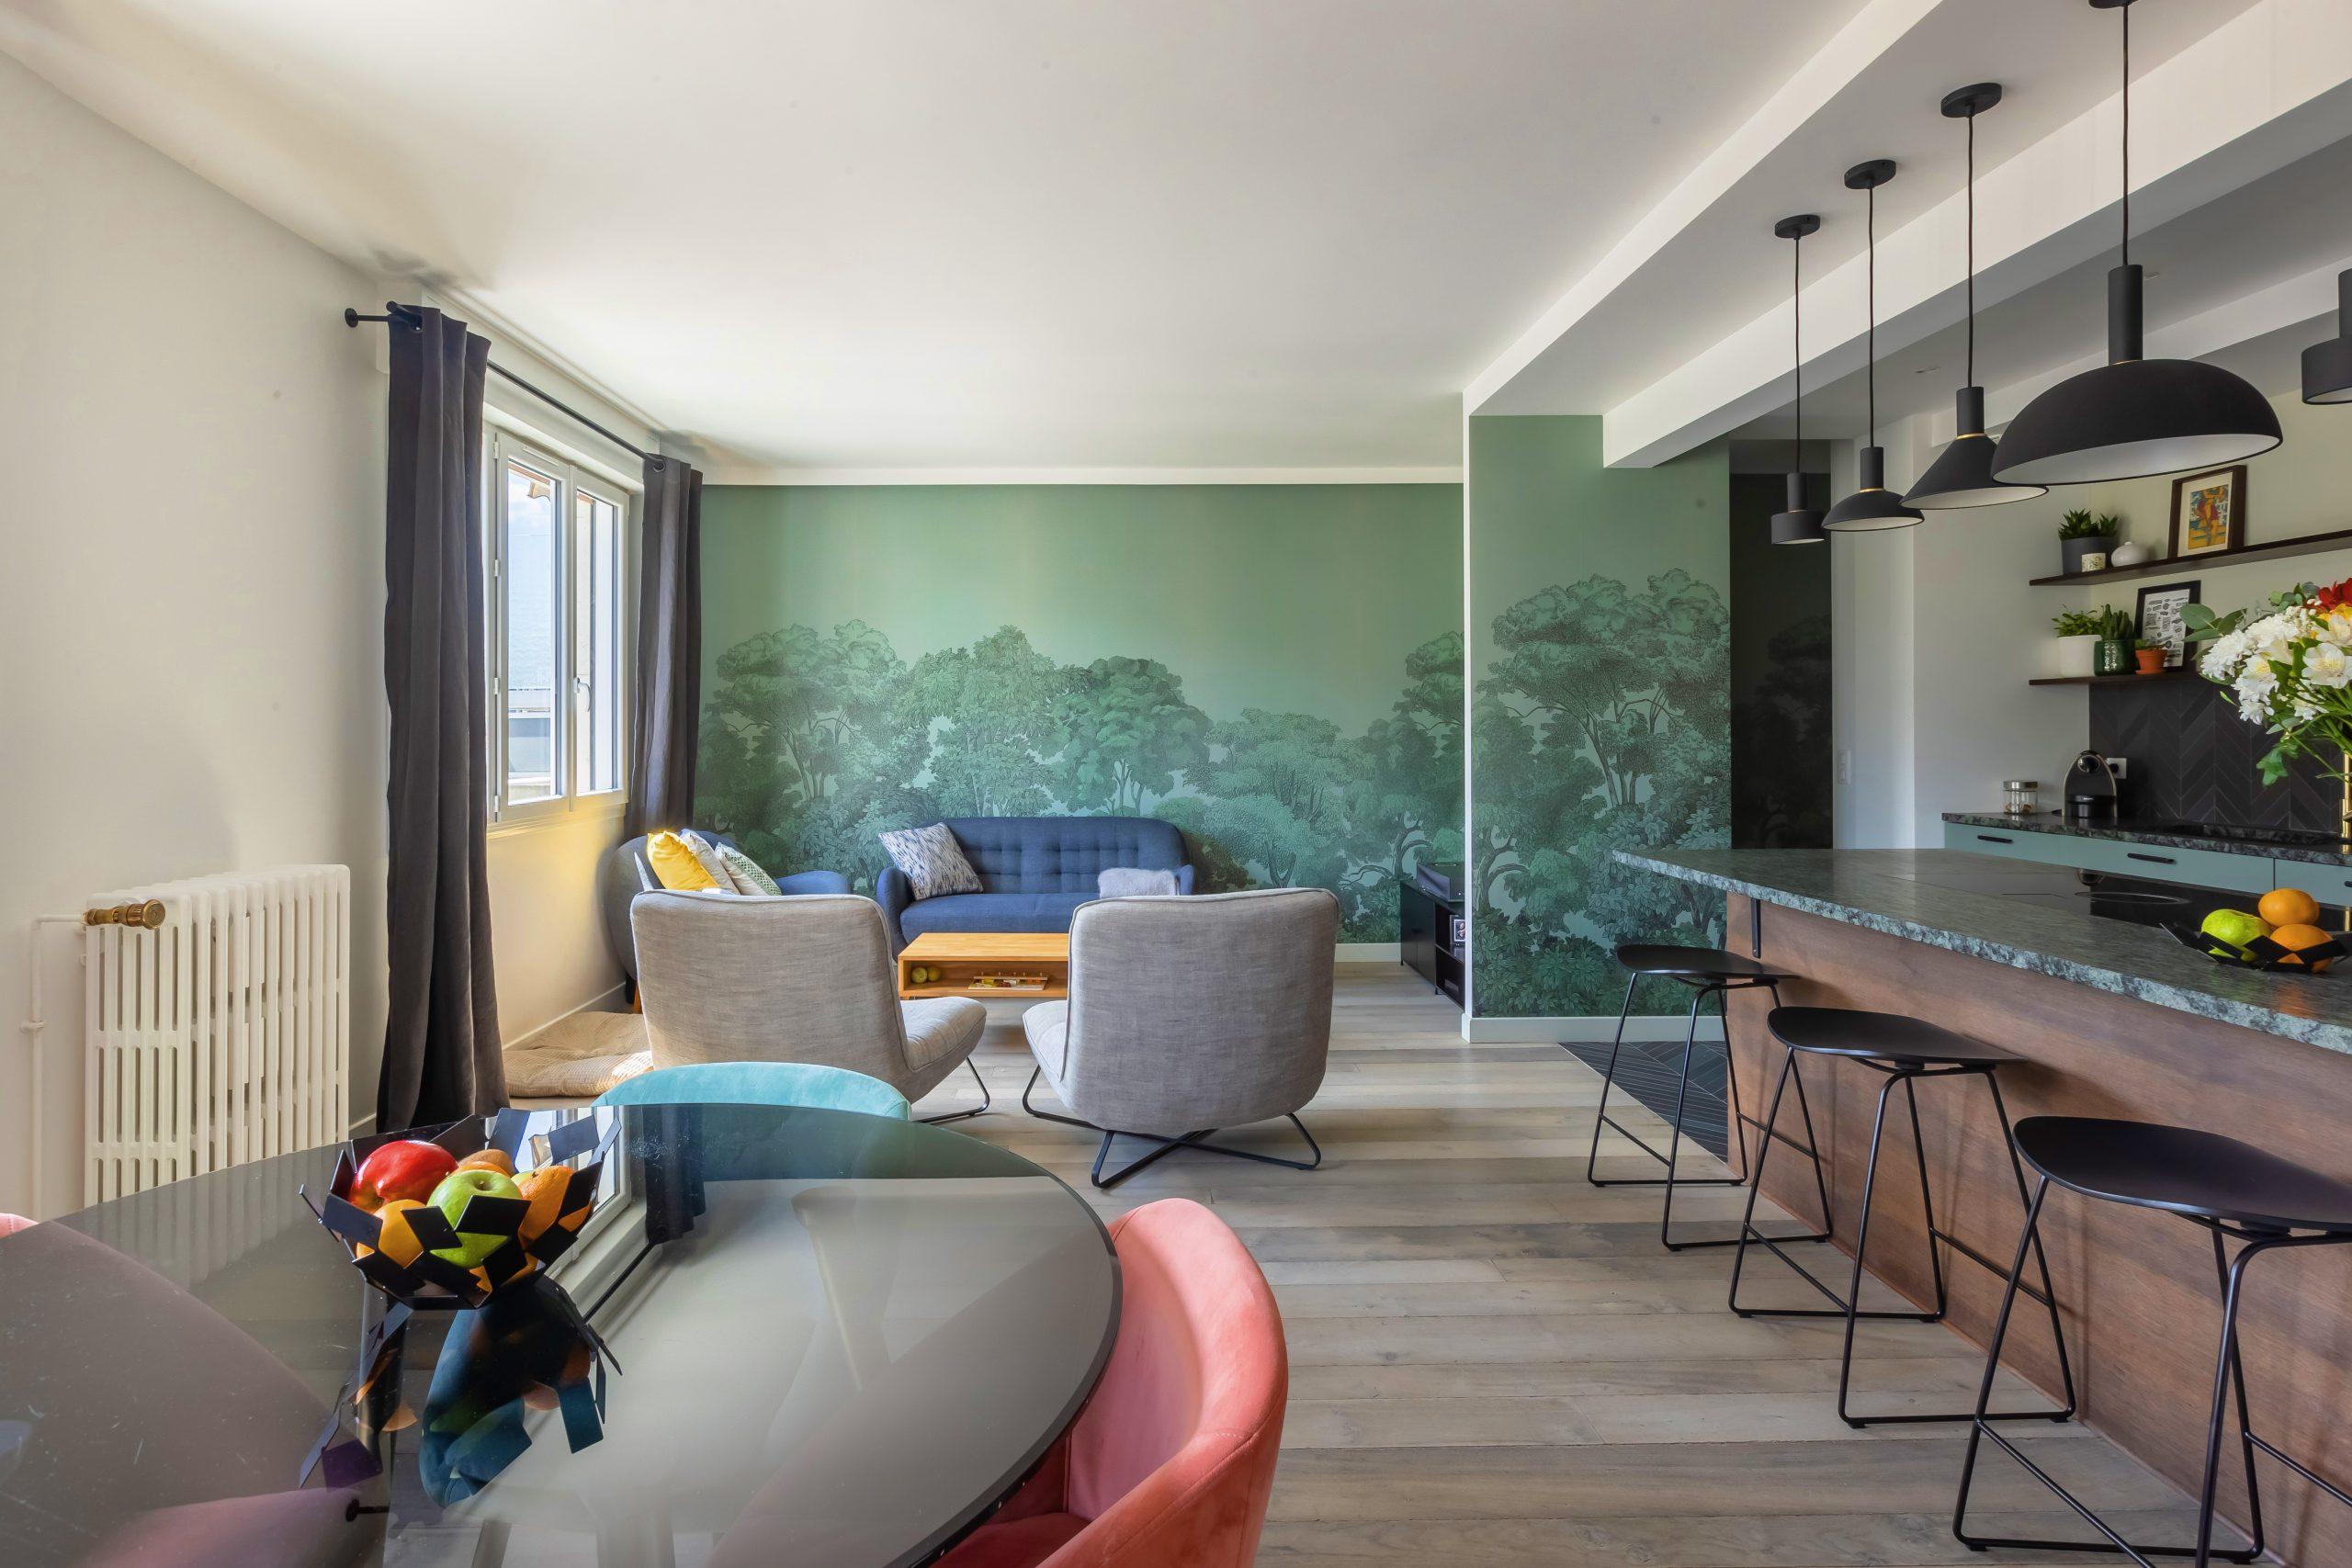 Intérieur d'un appartement. On y voit une cuisine, et un salon.